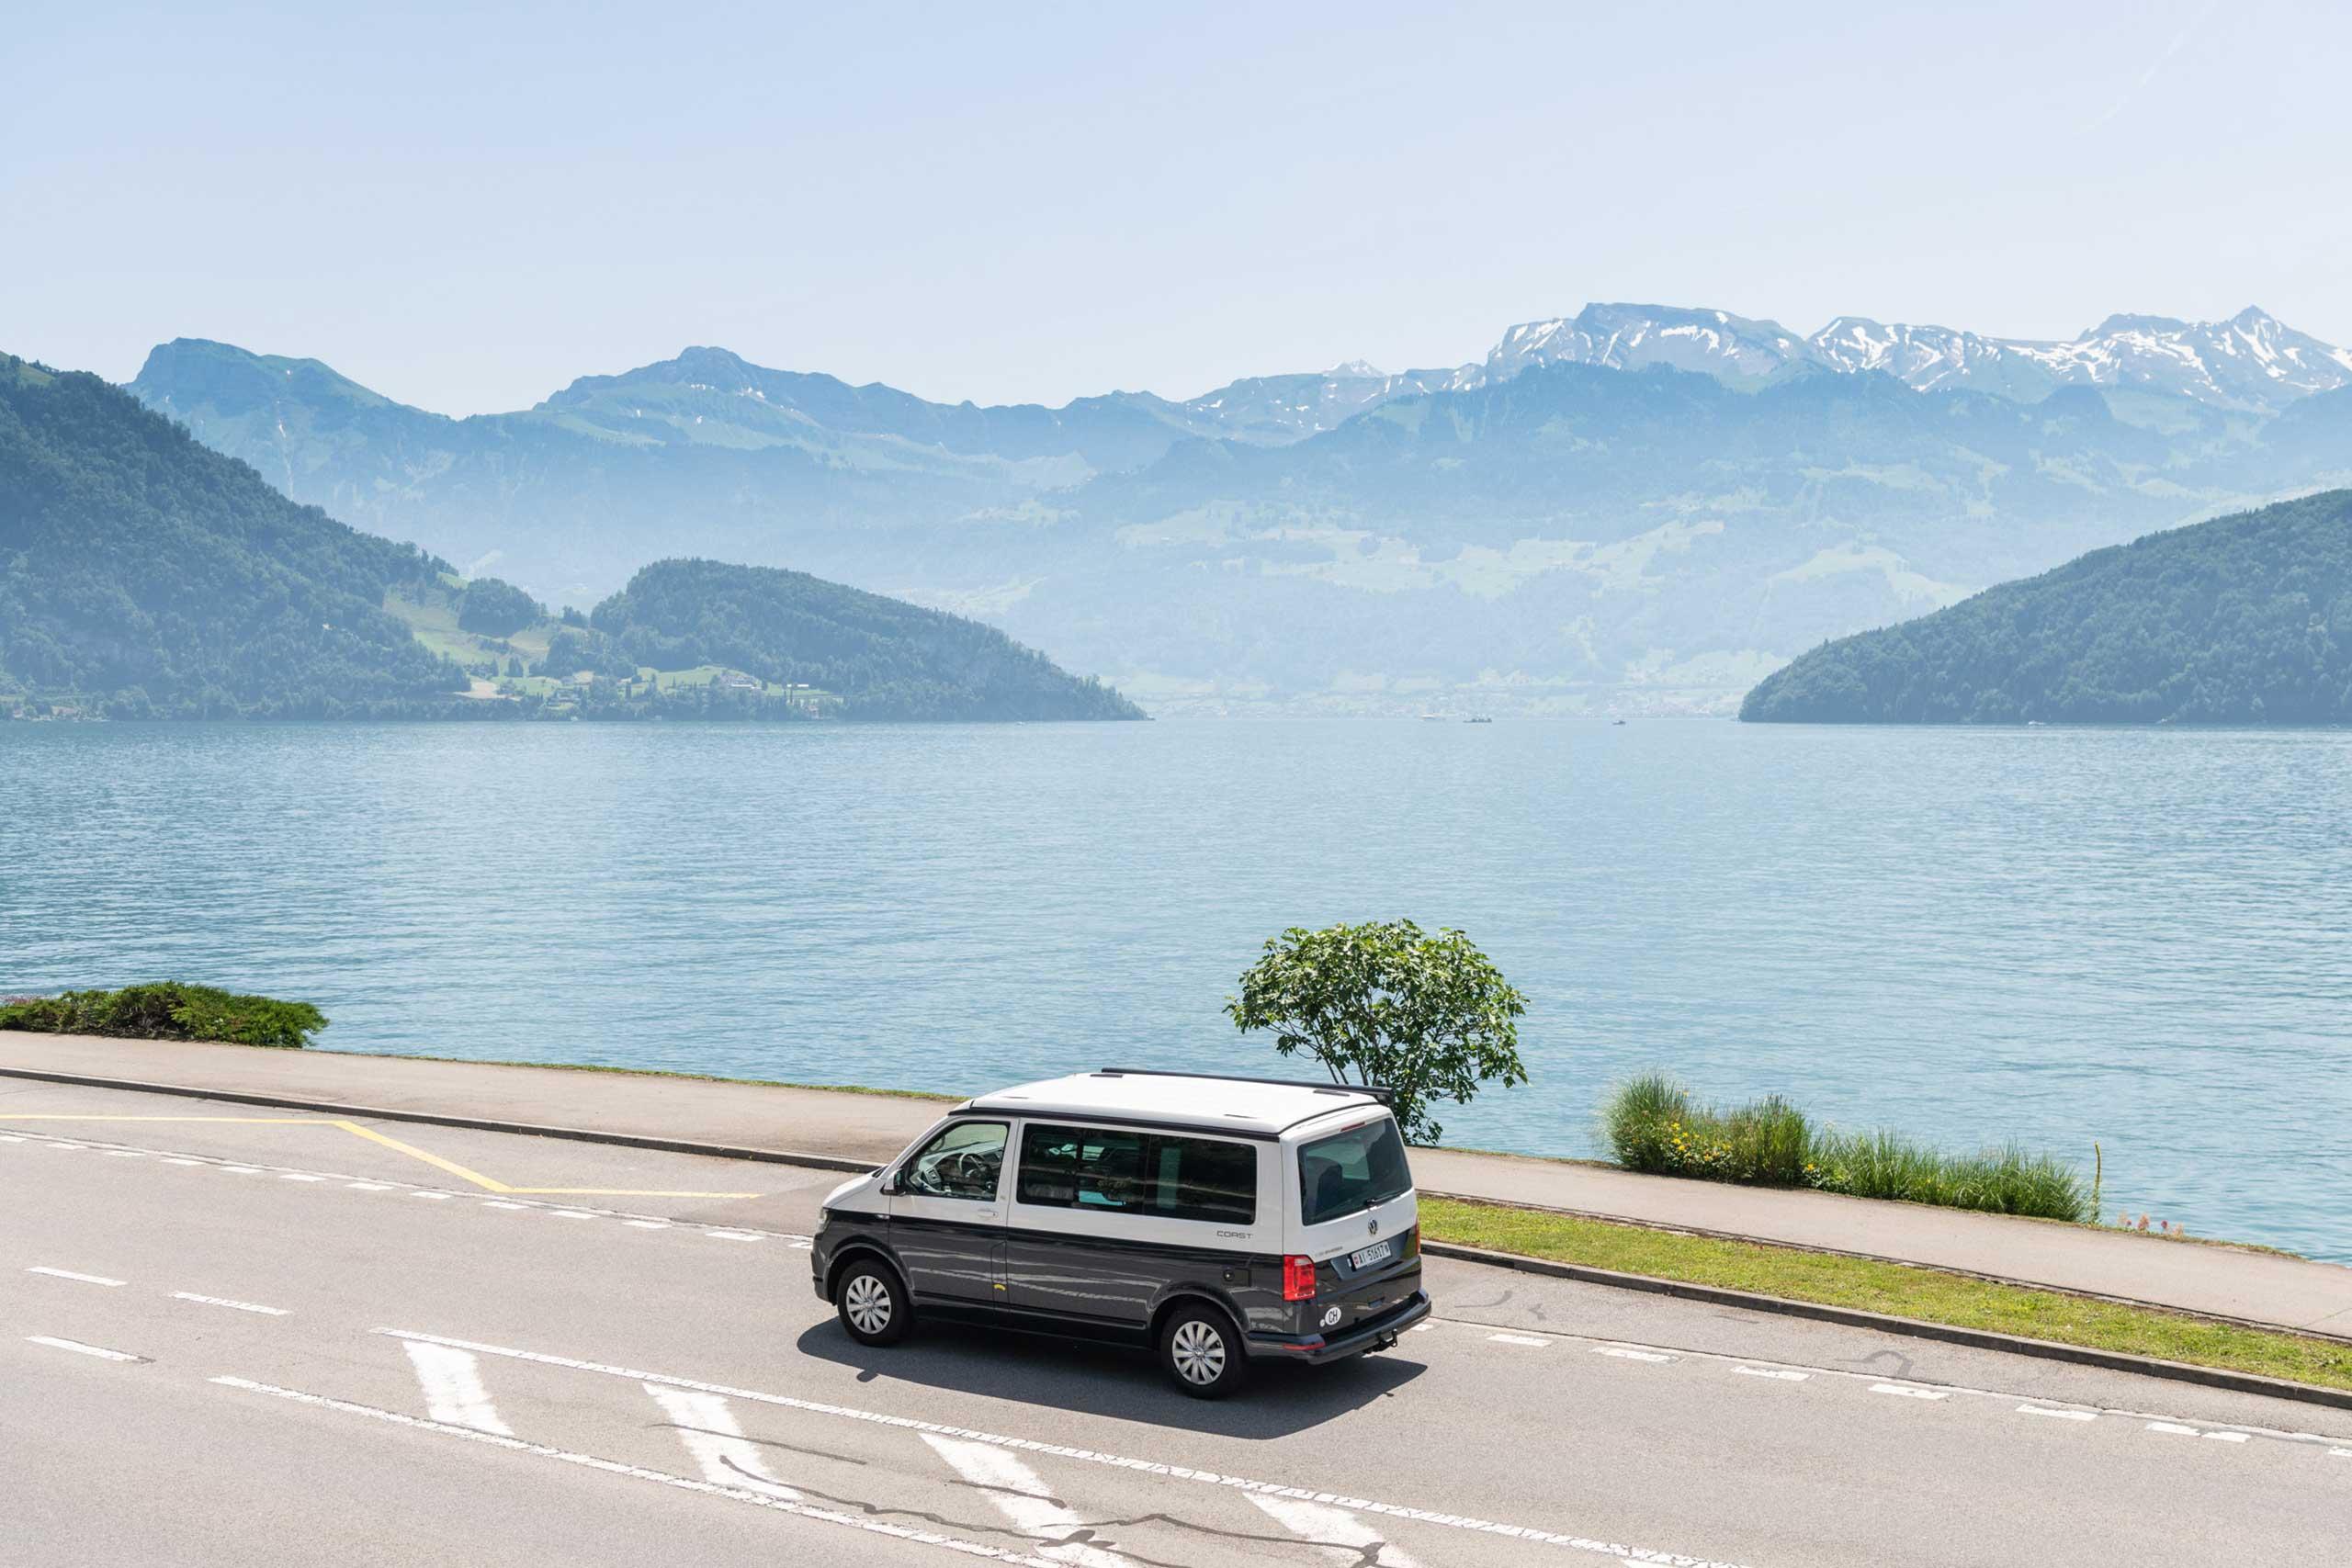 europcar-van-parkiert-am-see.jpg